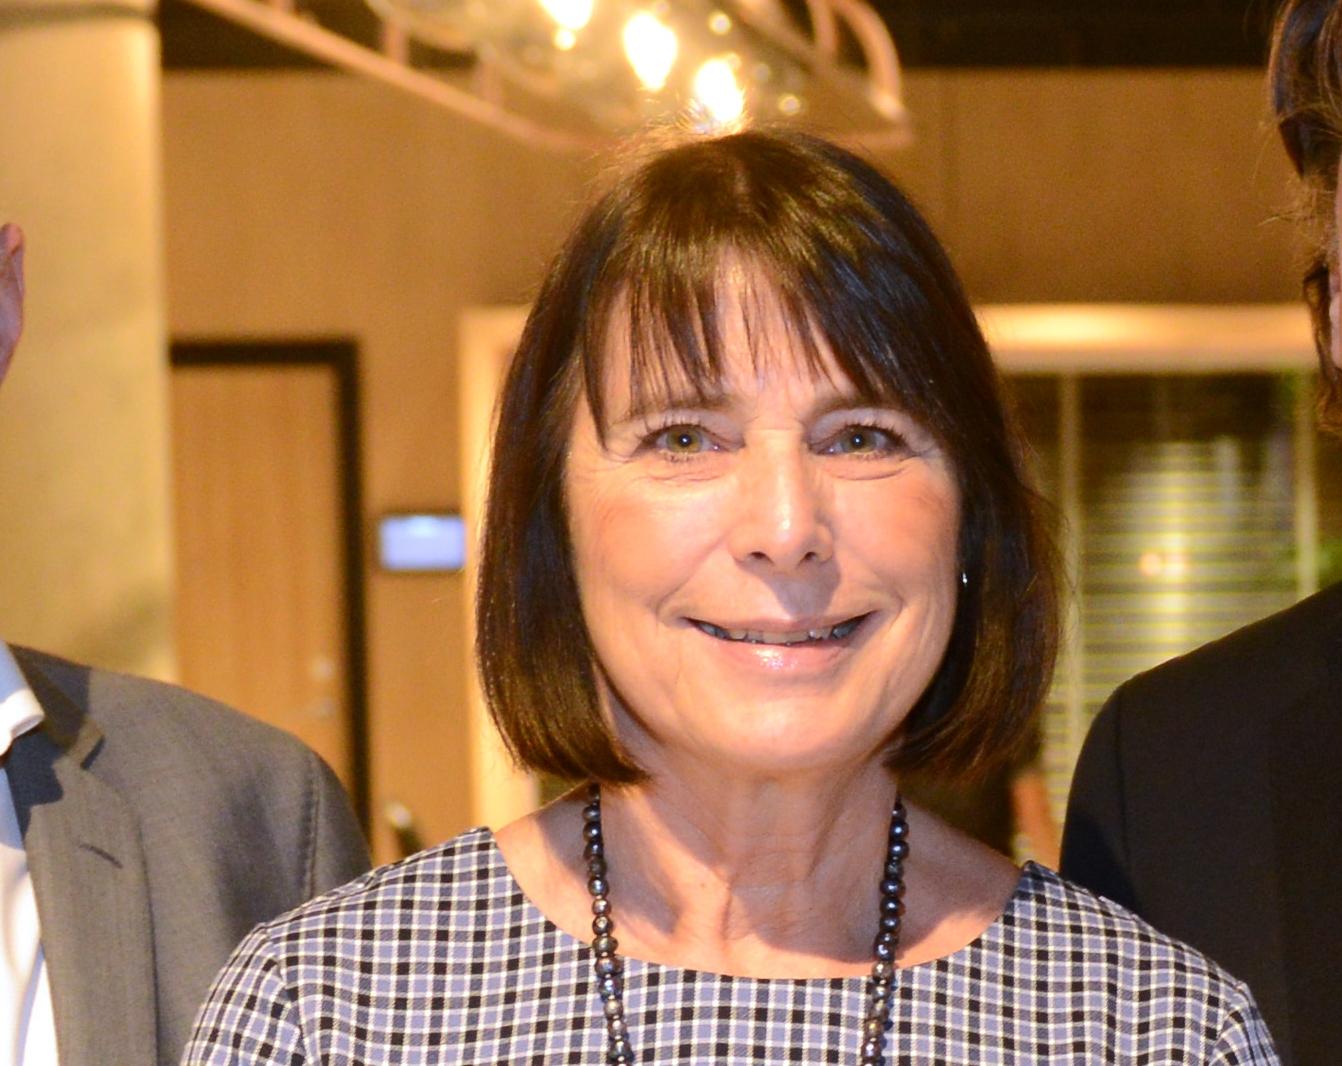 Efter en mere end 40 år lang fornem karriere i den danske rejsebranche takker Pia Lind af med udgangen af denne måned for at få på pension. (Foto: Joakim J. Hvistendahl)